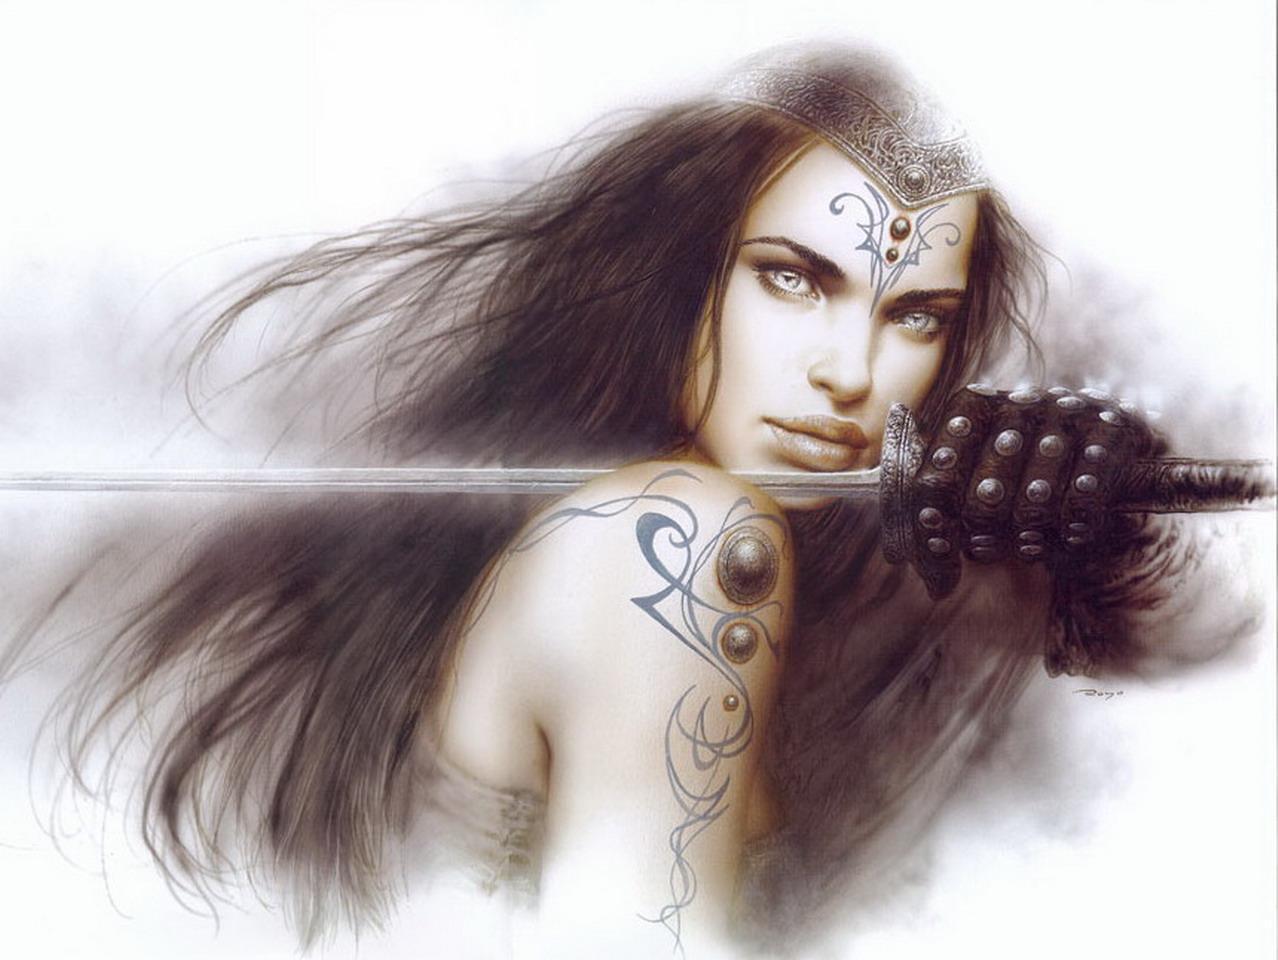 Fantasy-Art-by-Luis-Royo-fantasy-13944418-1278-960